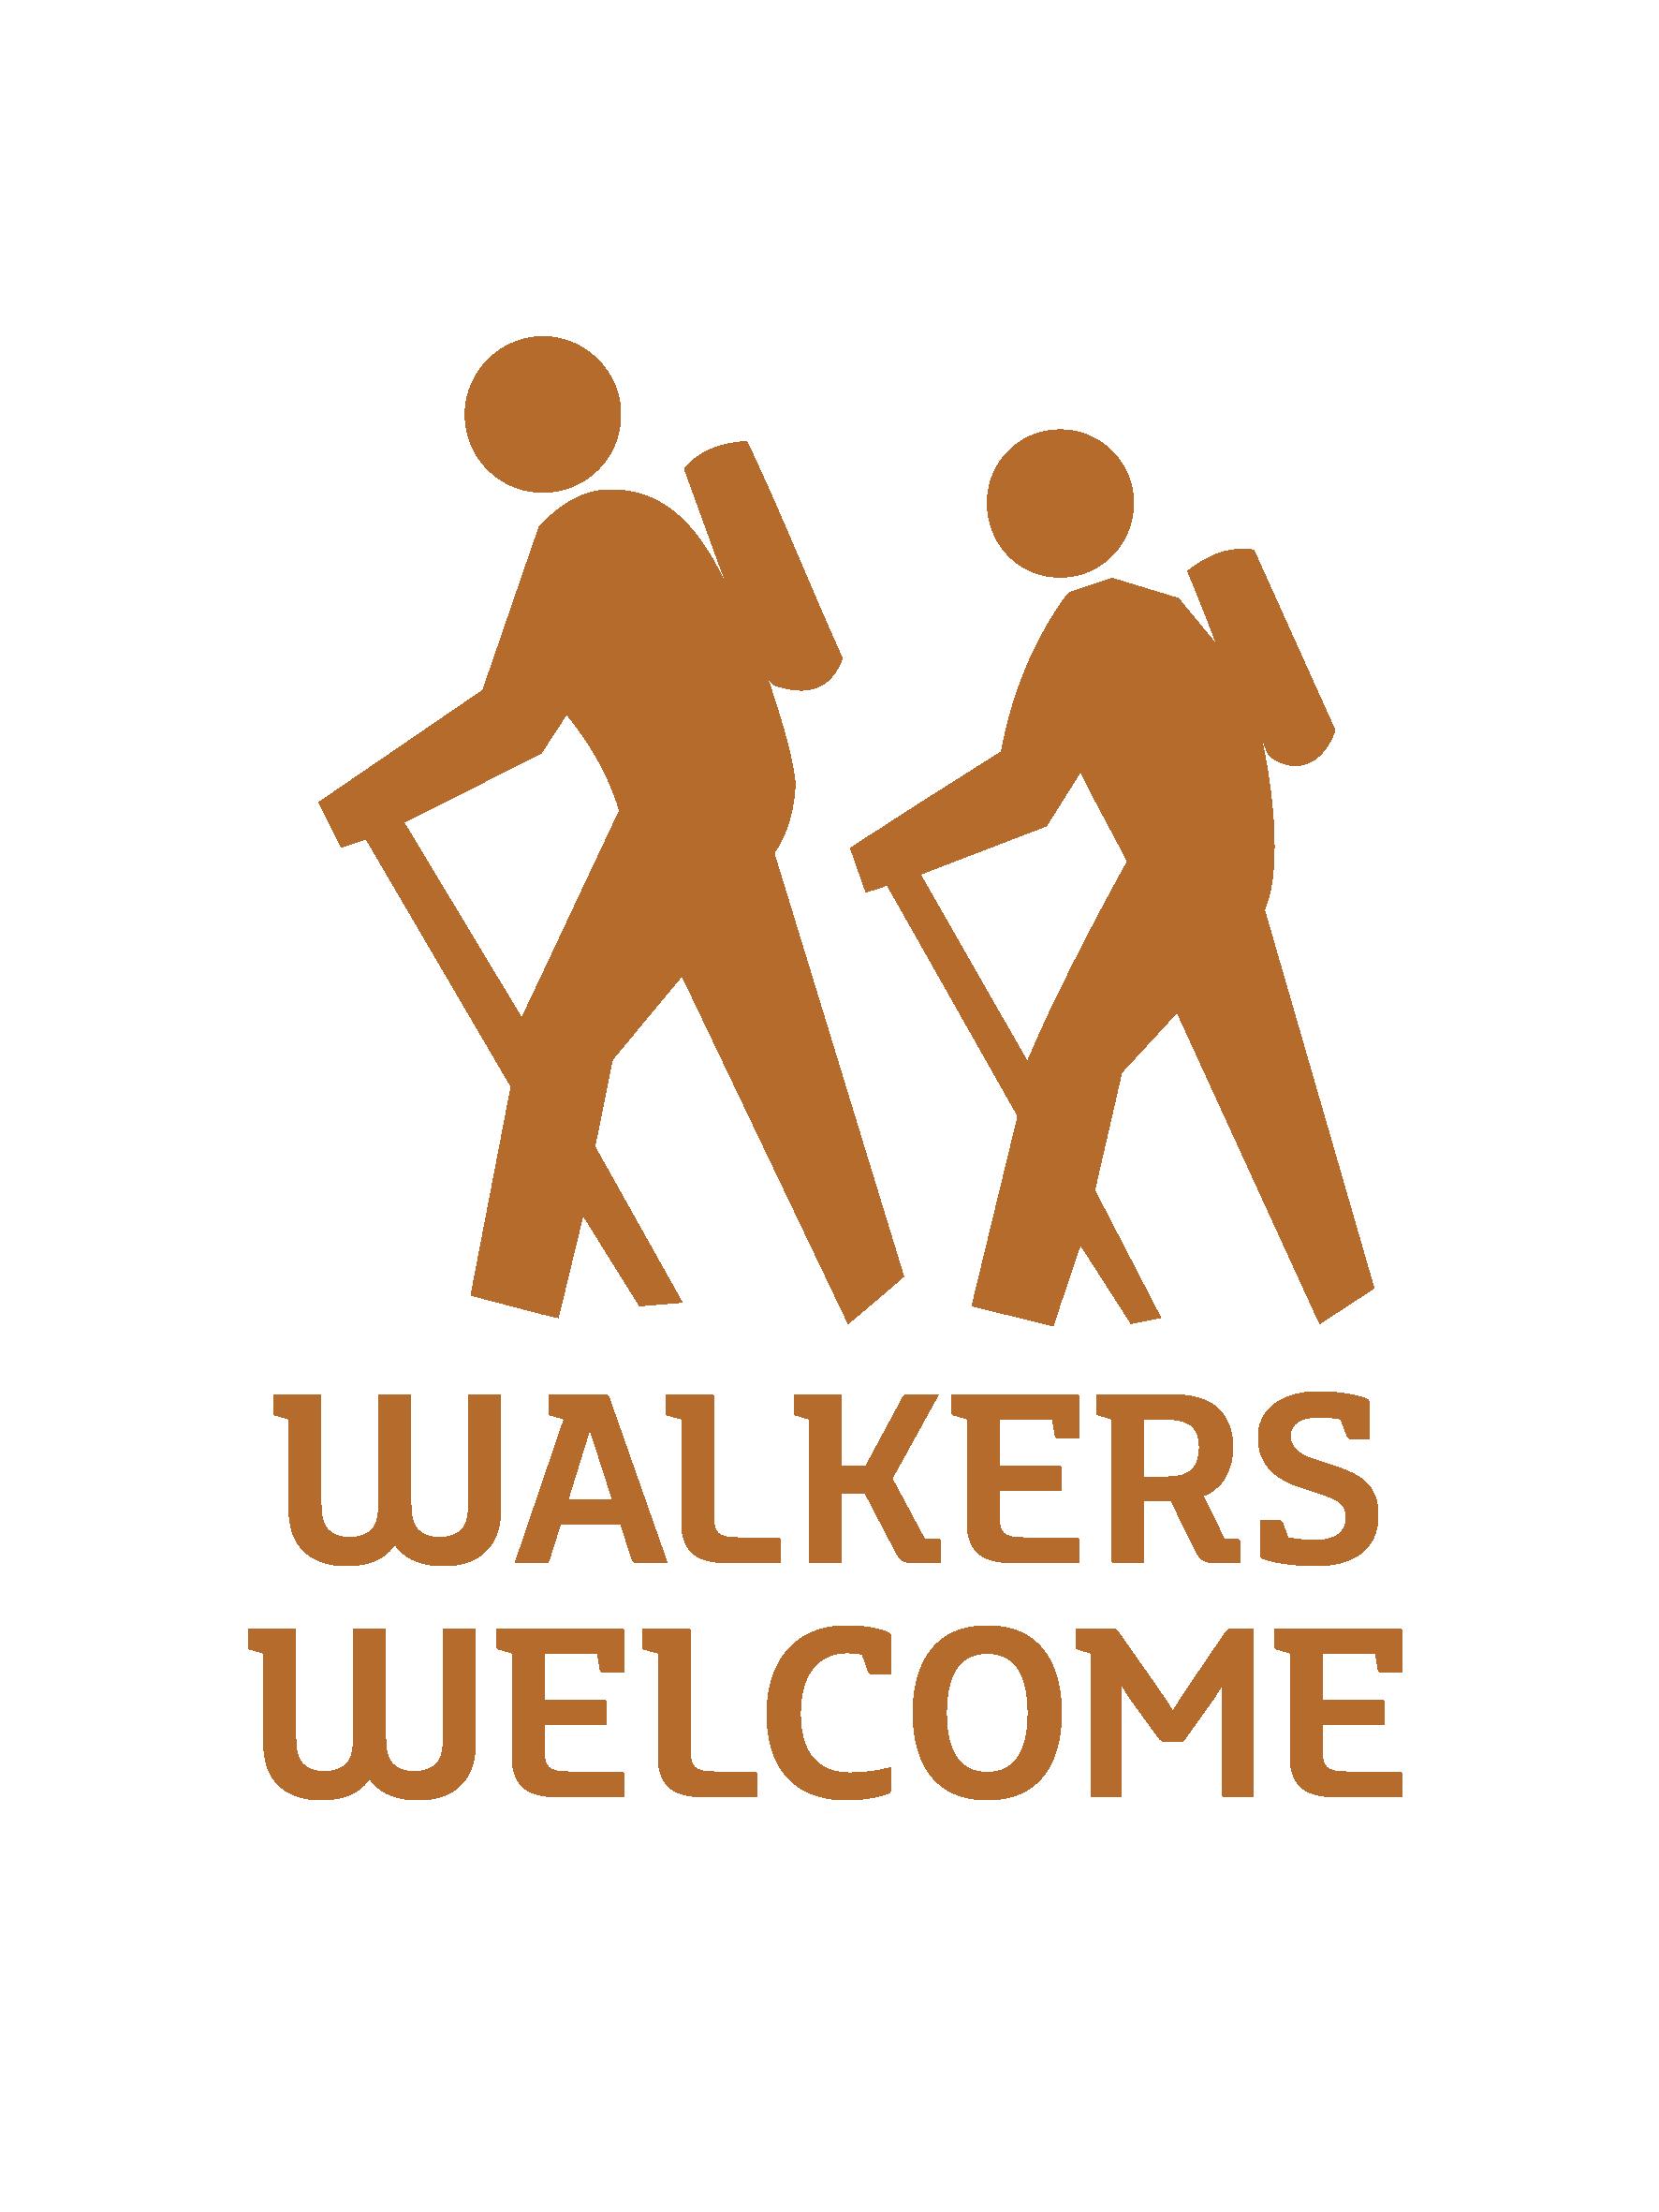 Walkers welcome.jpg